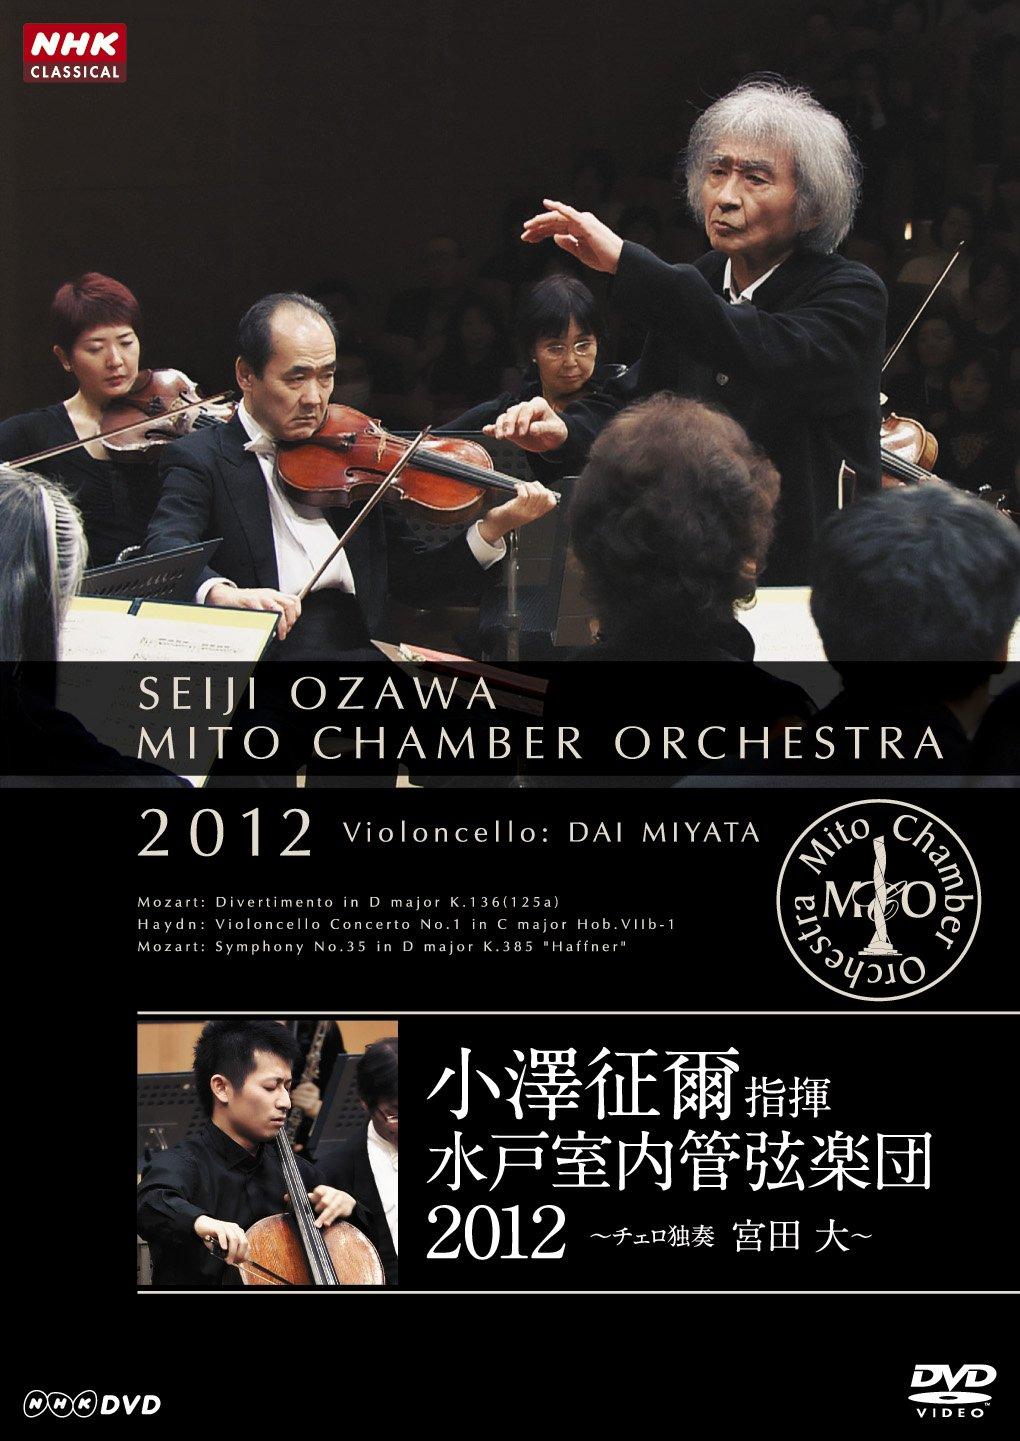 Conductor: Seiji Ozawa * Mito Chamber Orchestra 2012